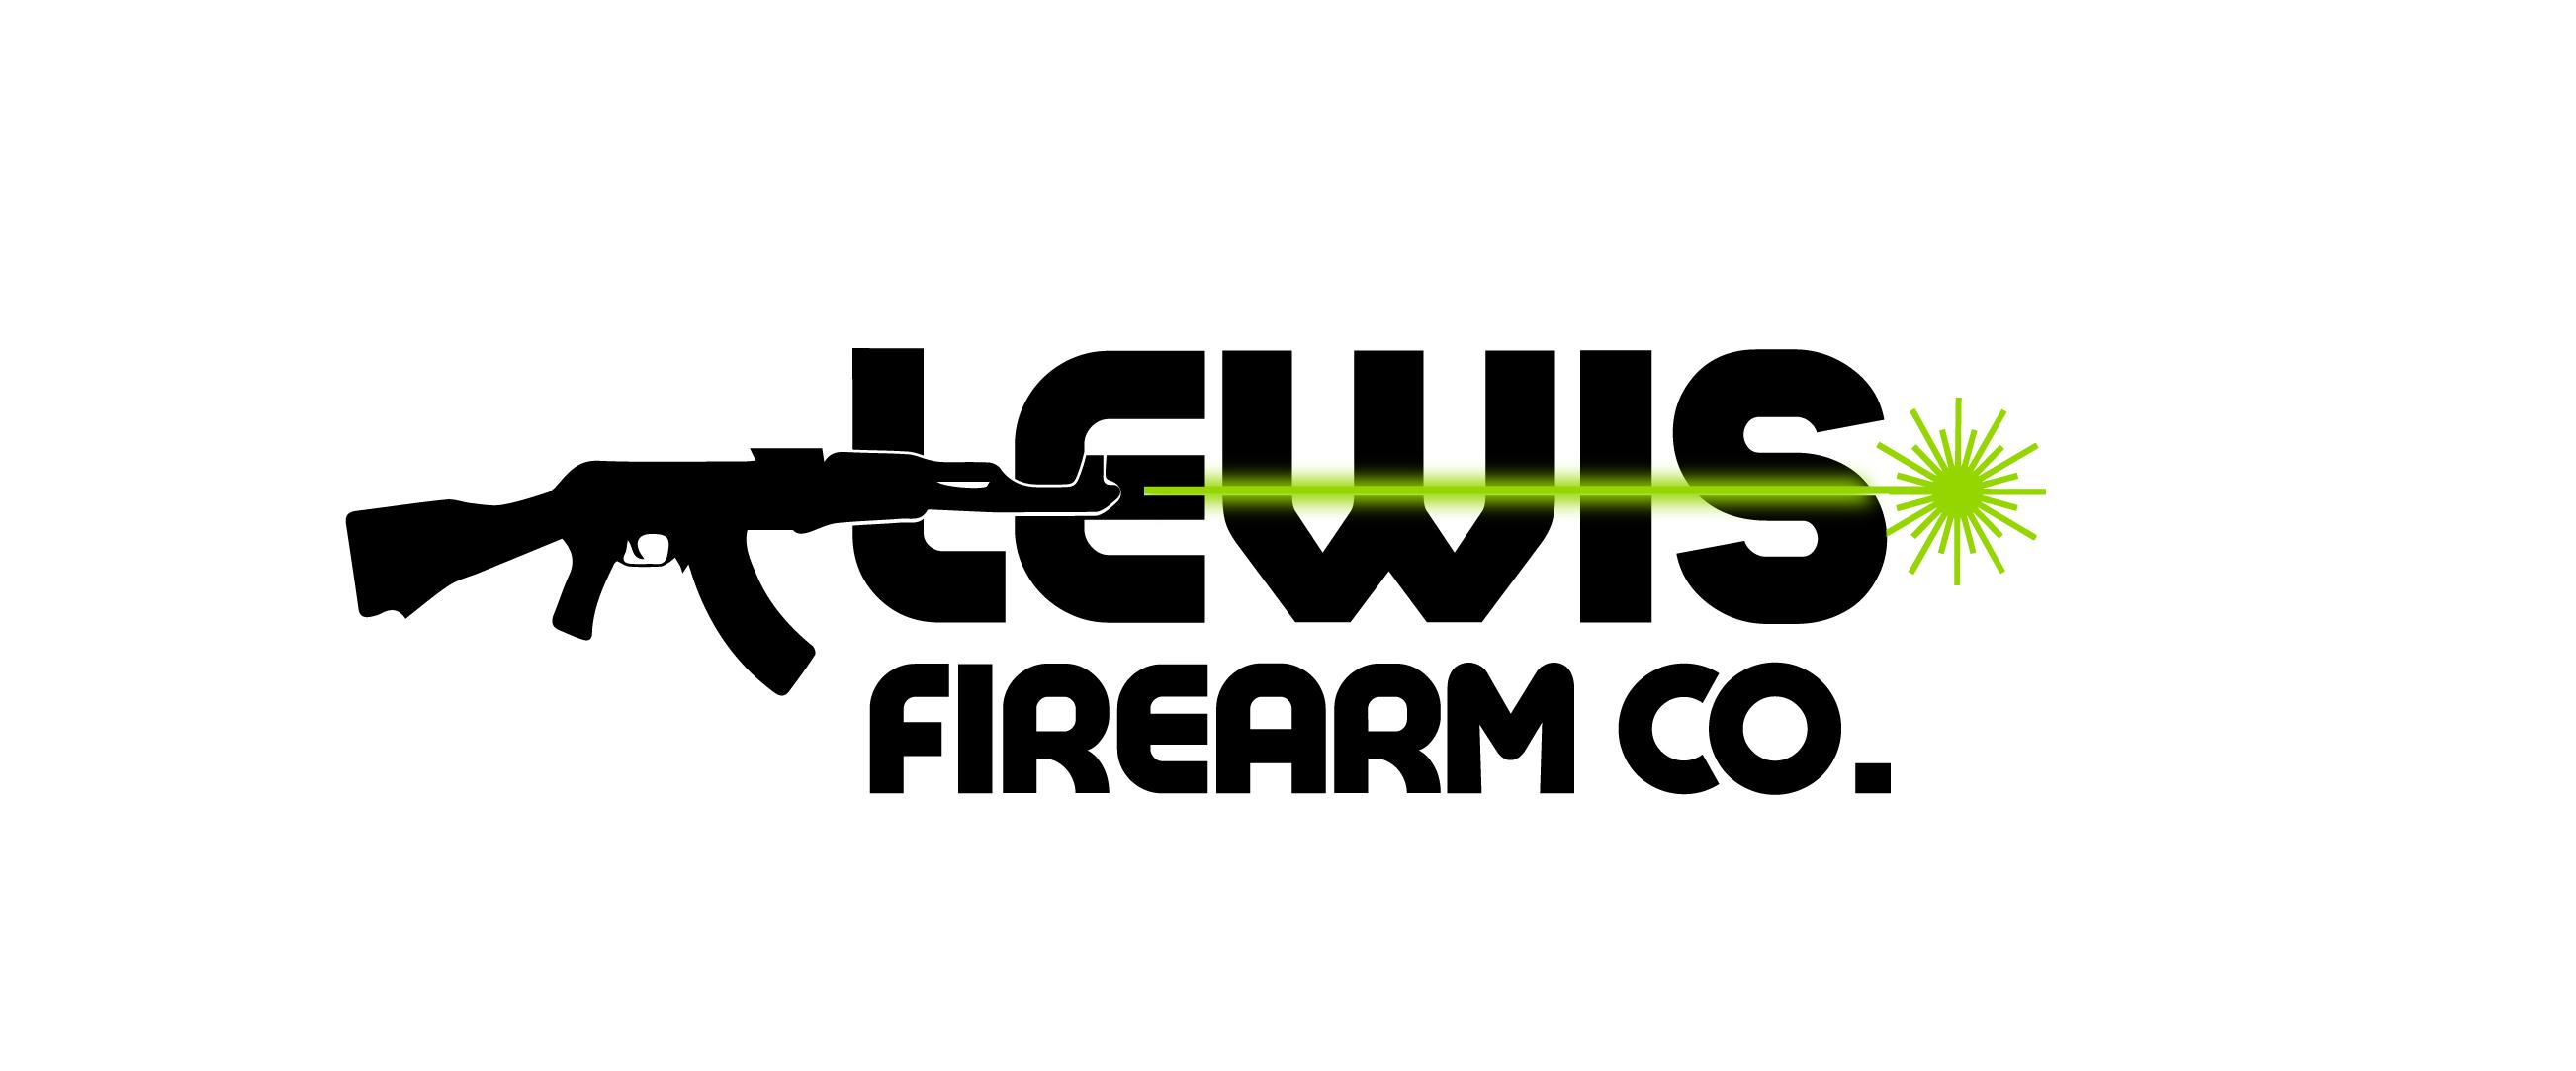 Lewis Firearm Co LLC Logo